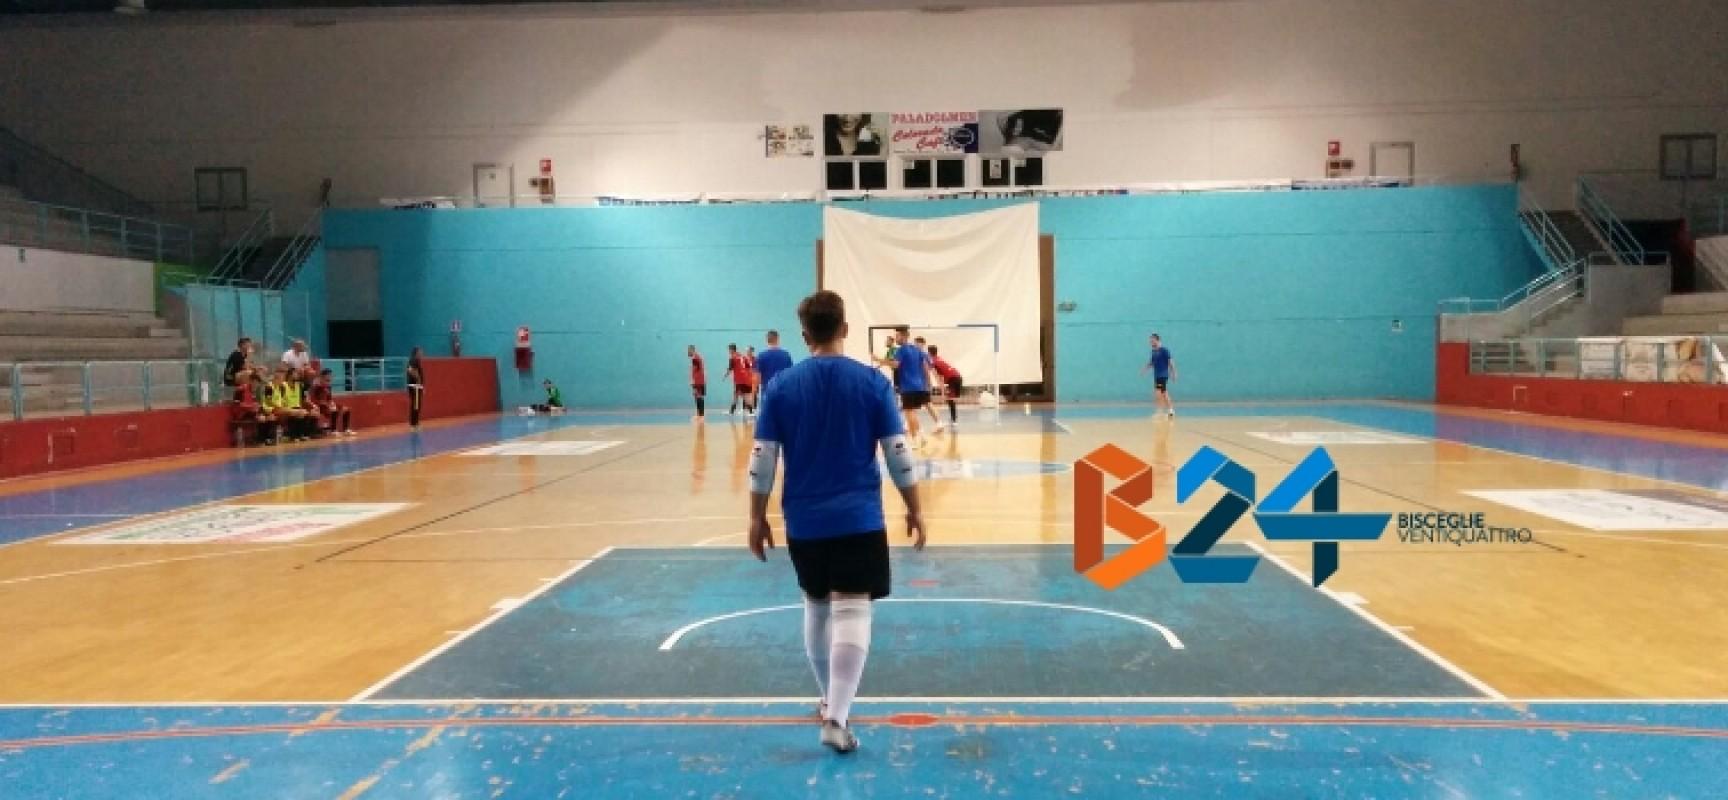 Futsal Bisceglie, 4-1 al Manfredonia in amichevole